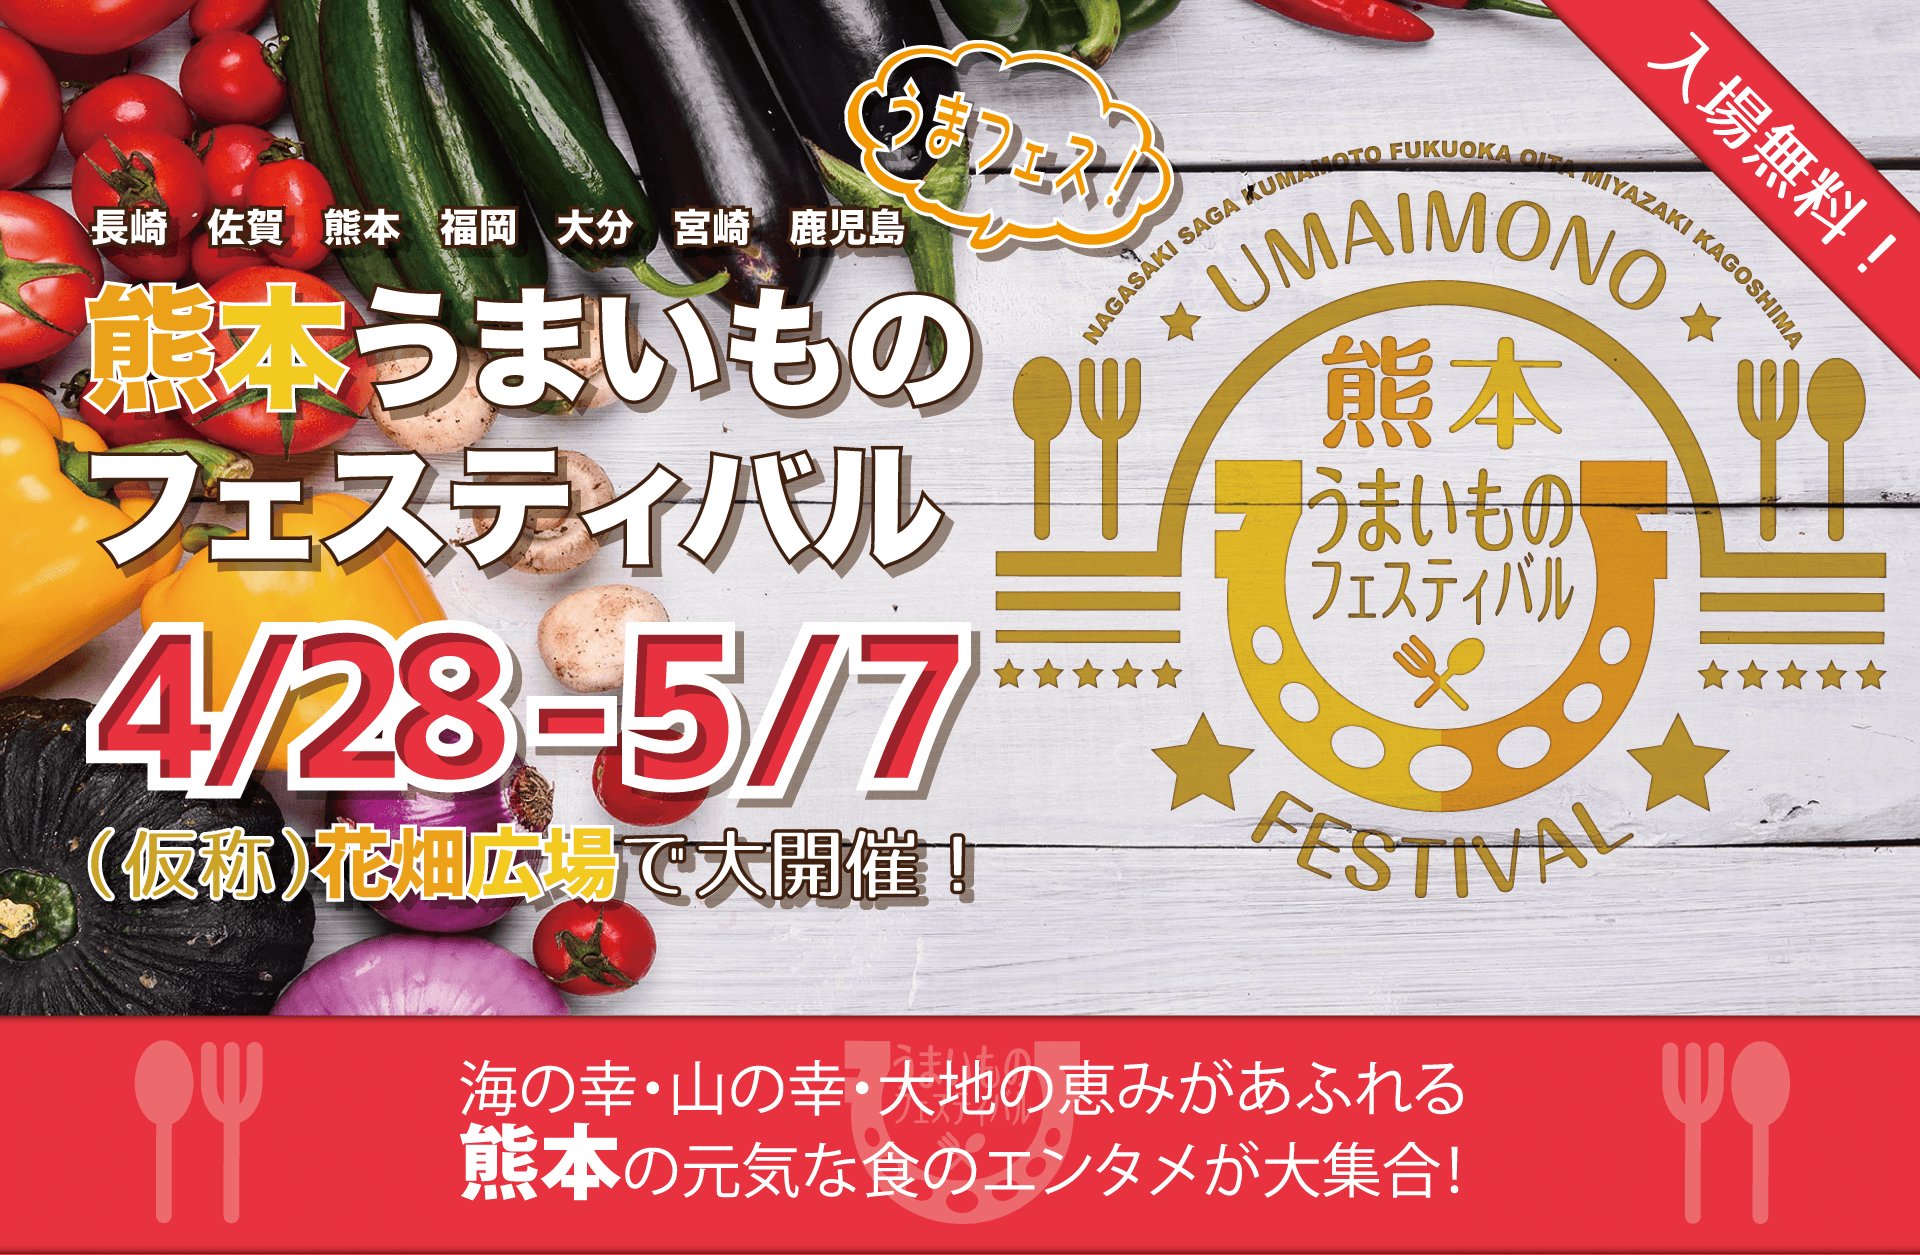 【ビアフェスティバル&熊本うまいものフェス】2017開催情報!